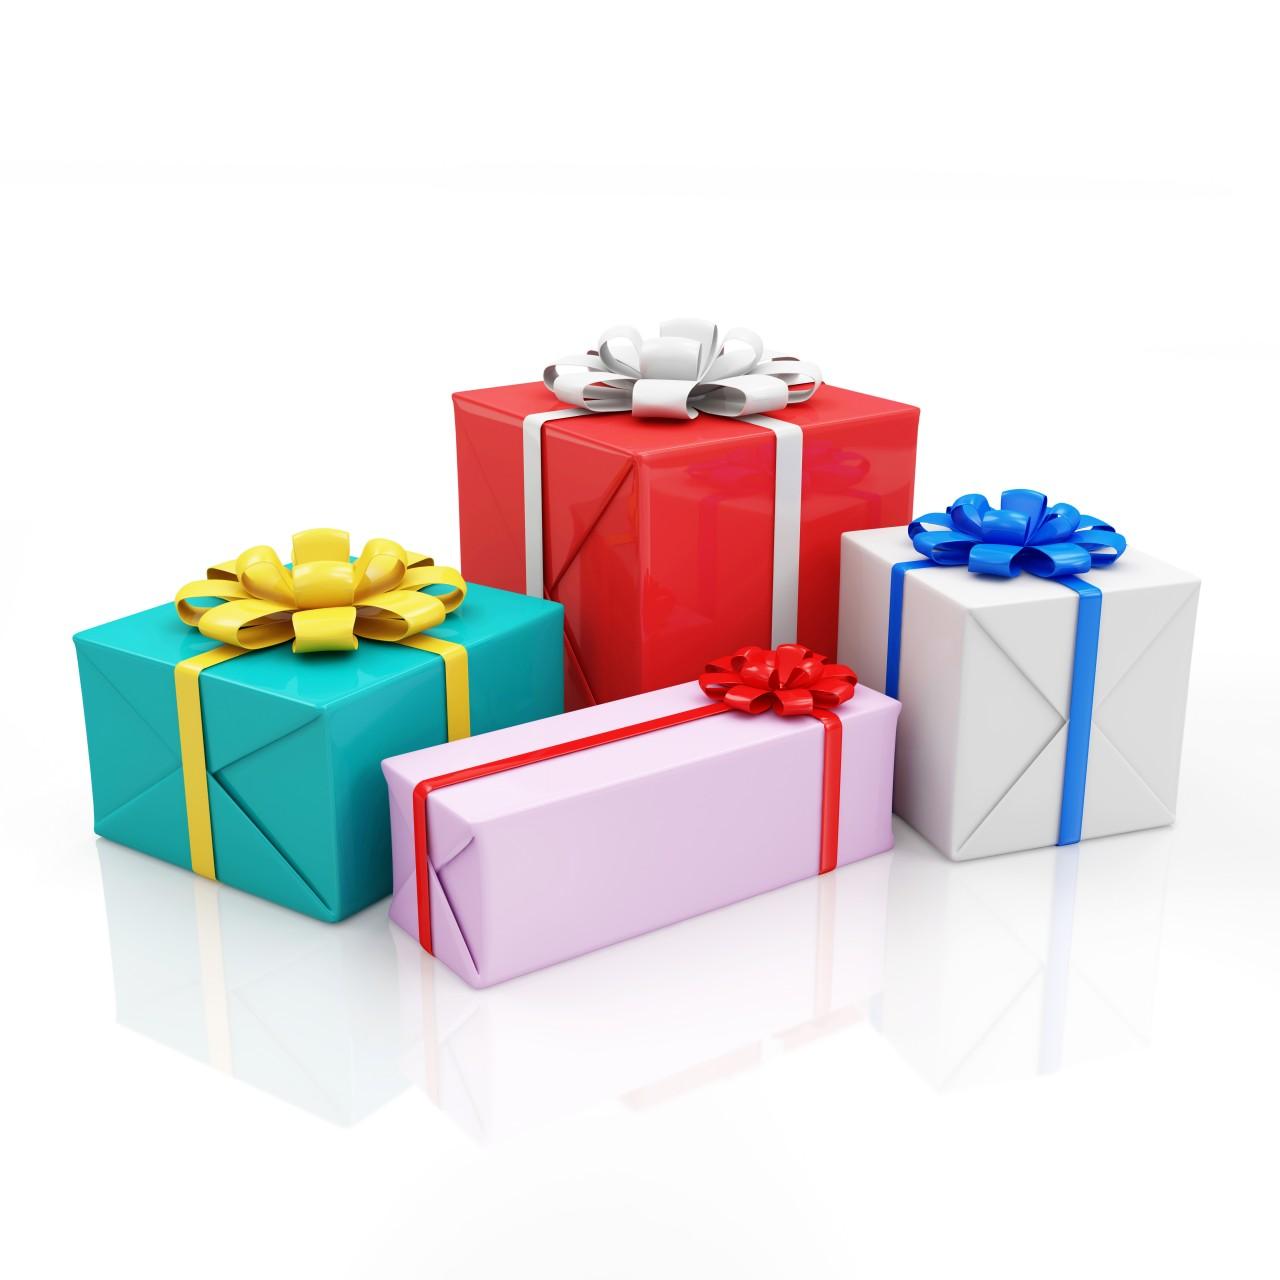 SingLiesel-Geschenk-Demenz-Boxen-1